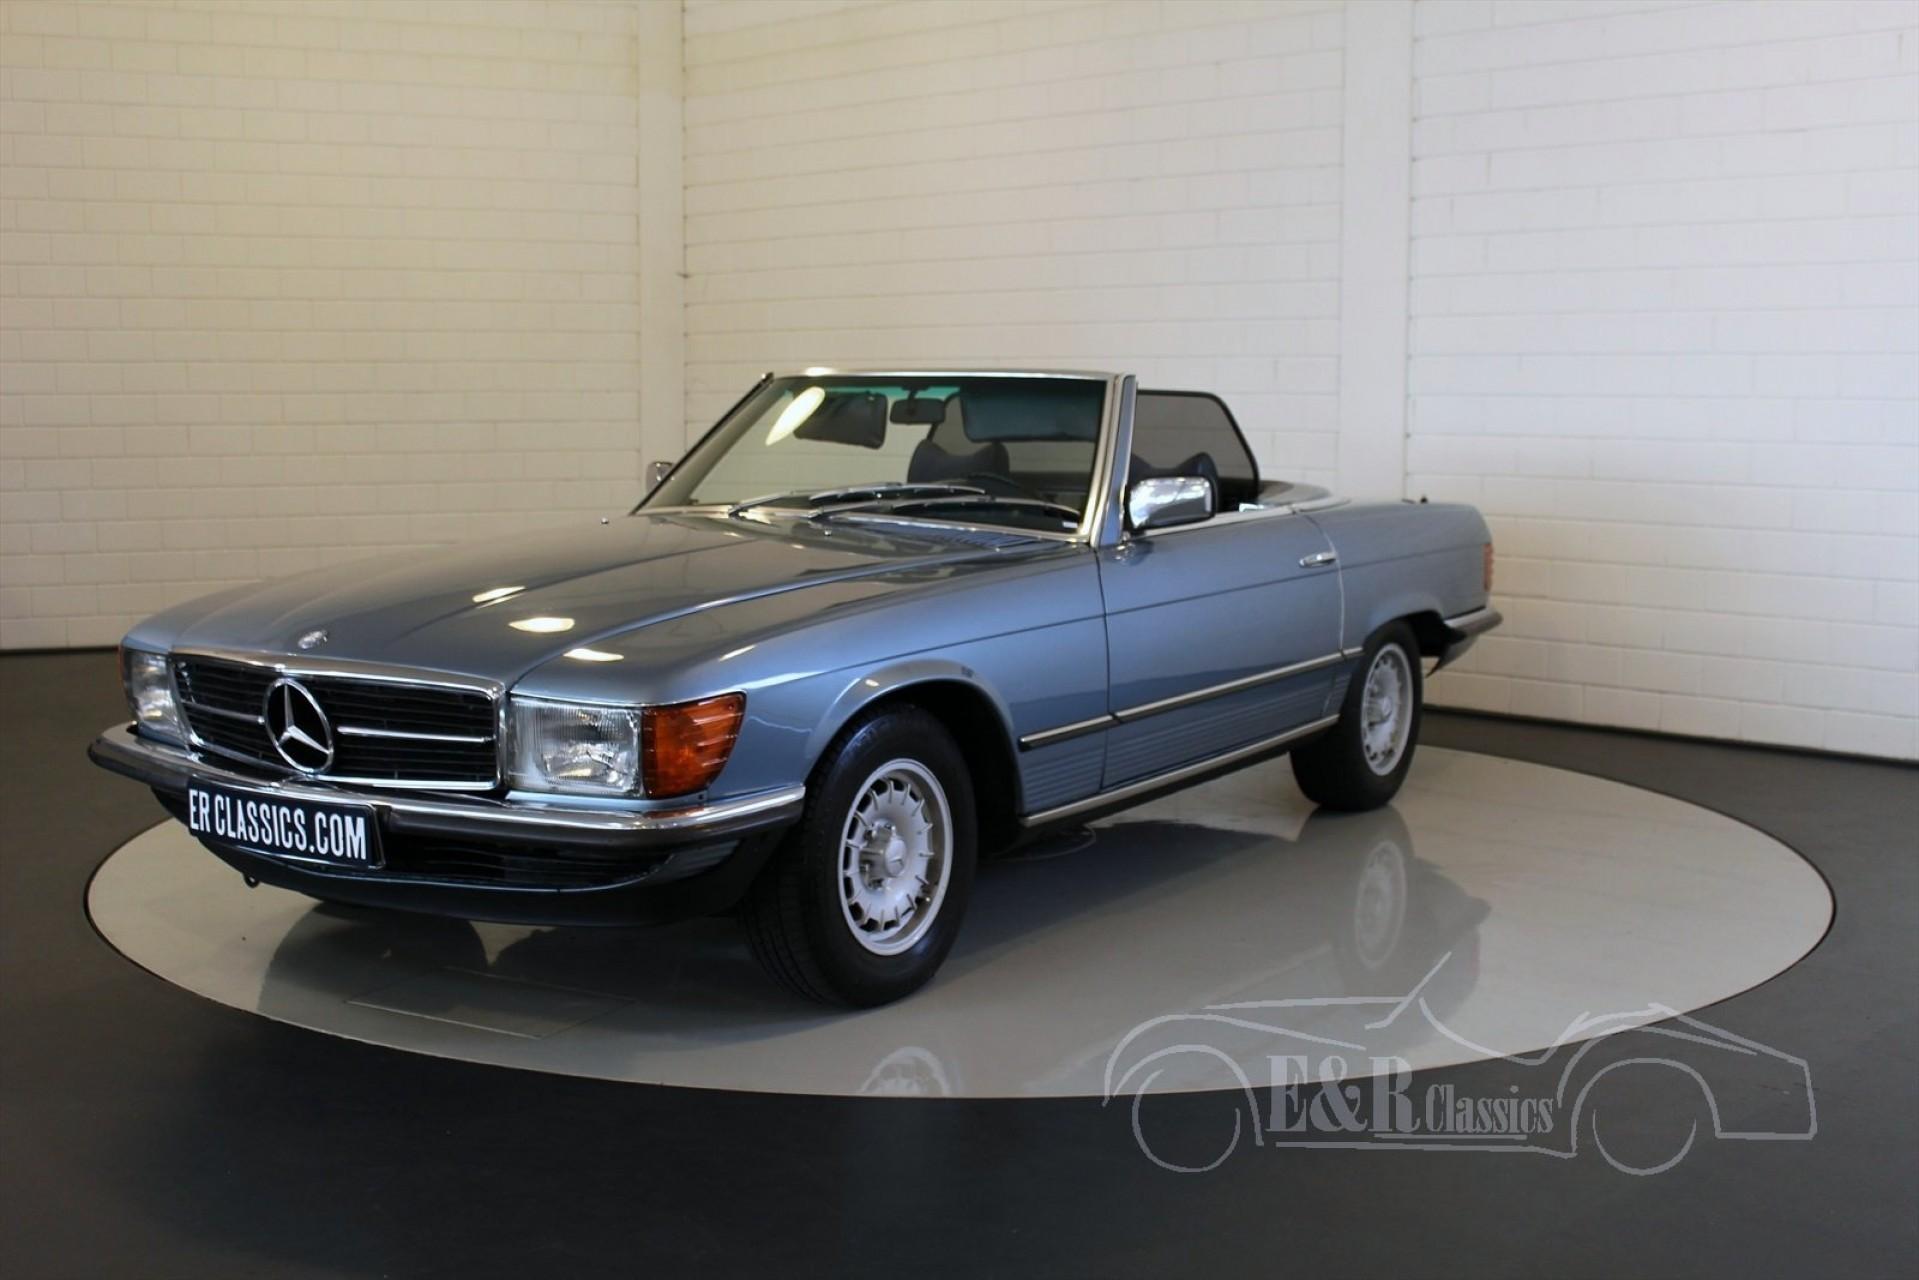 Mercedes benz sl 280 1978 for sale at erclassics for Mercedes benz sl 280